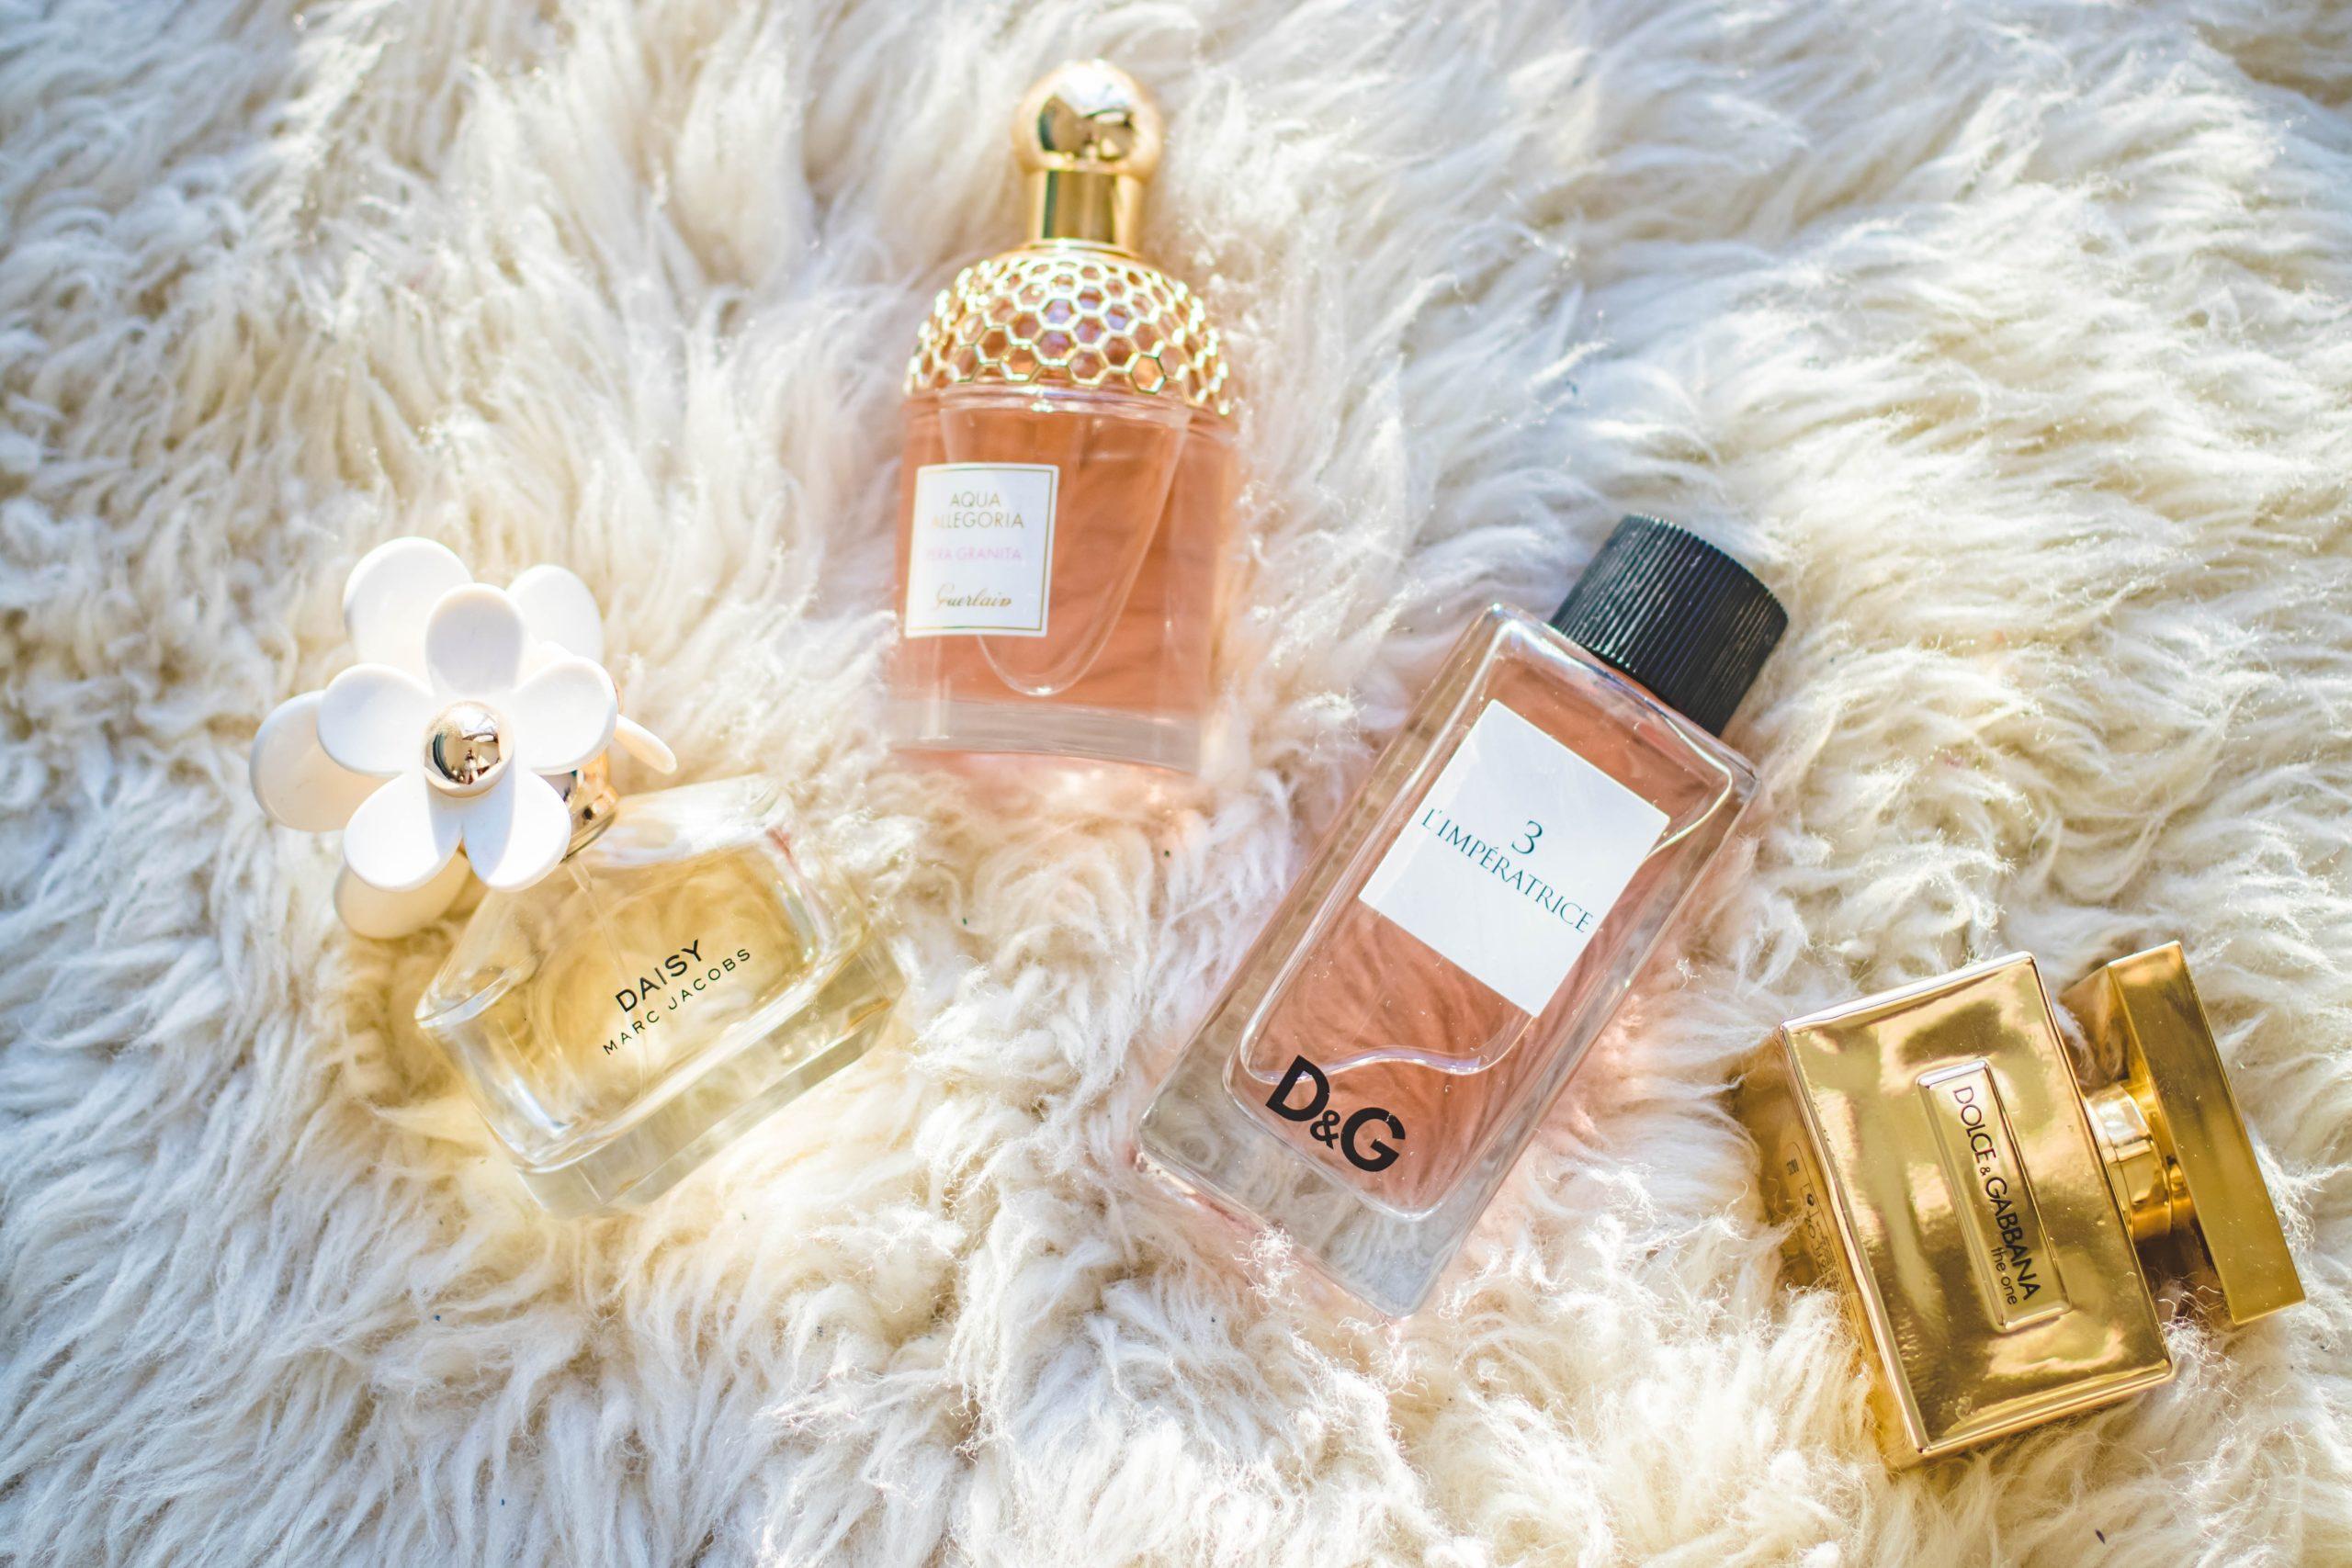 Somos como perfumes